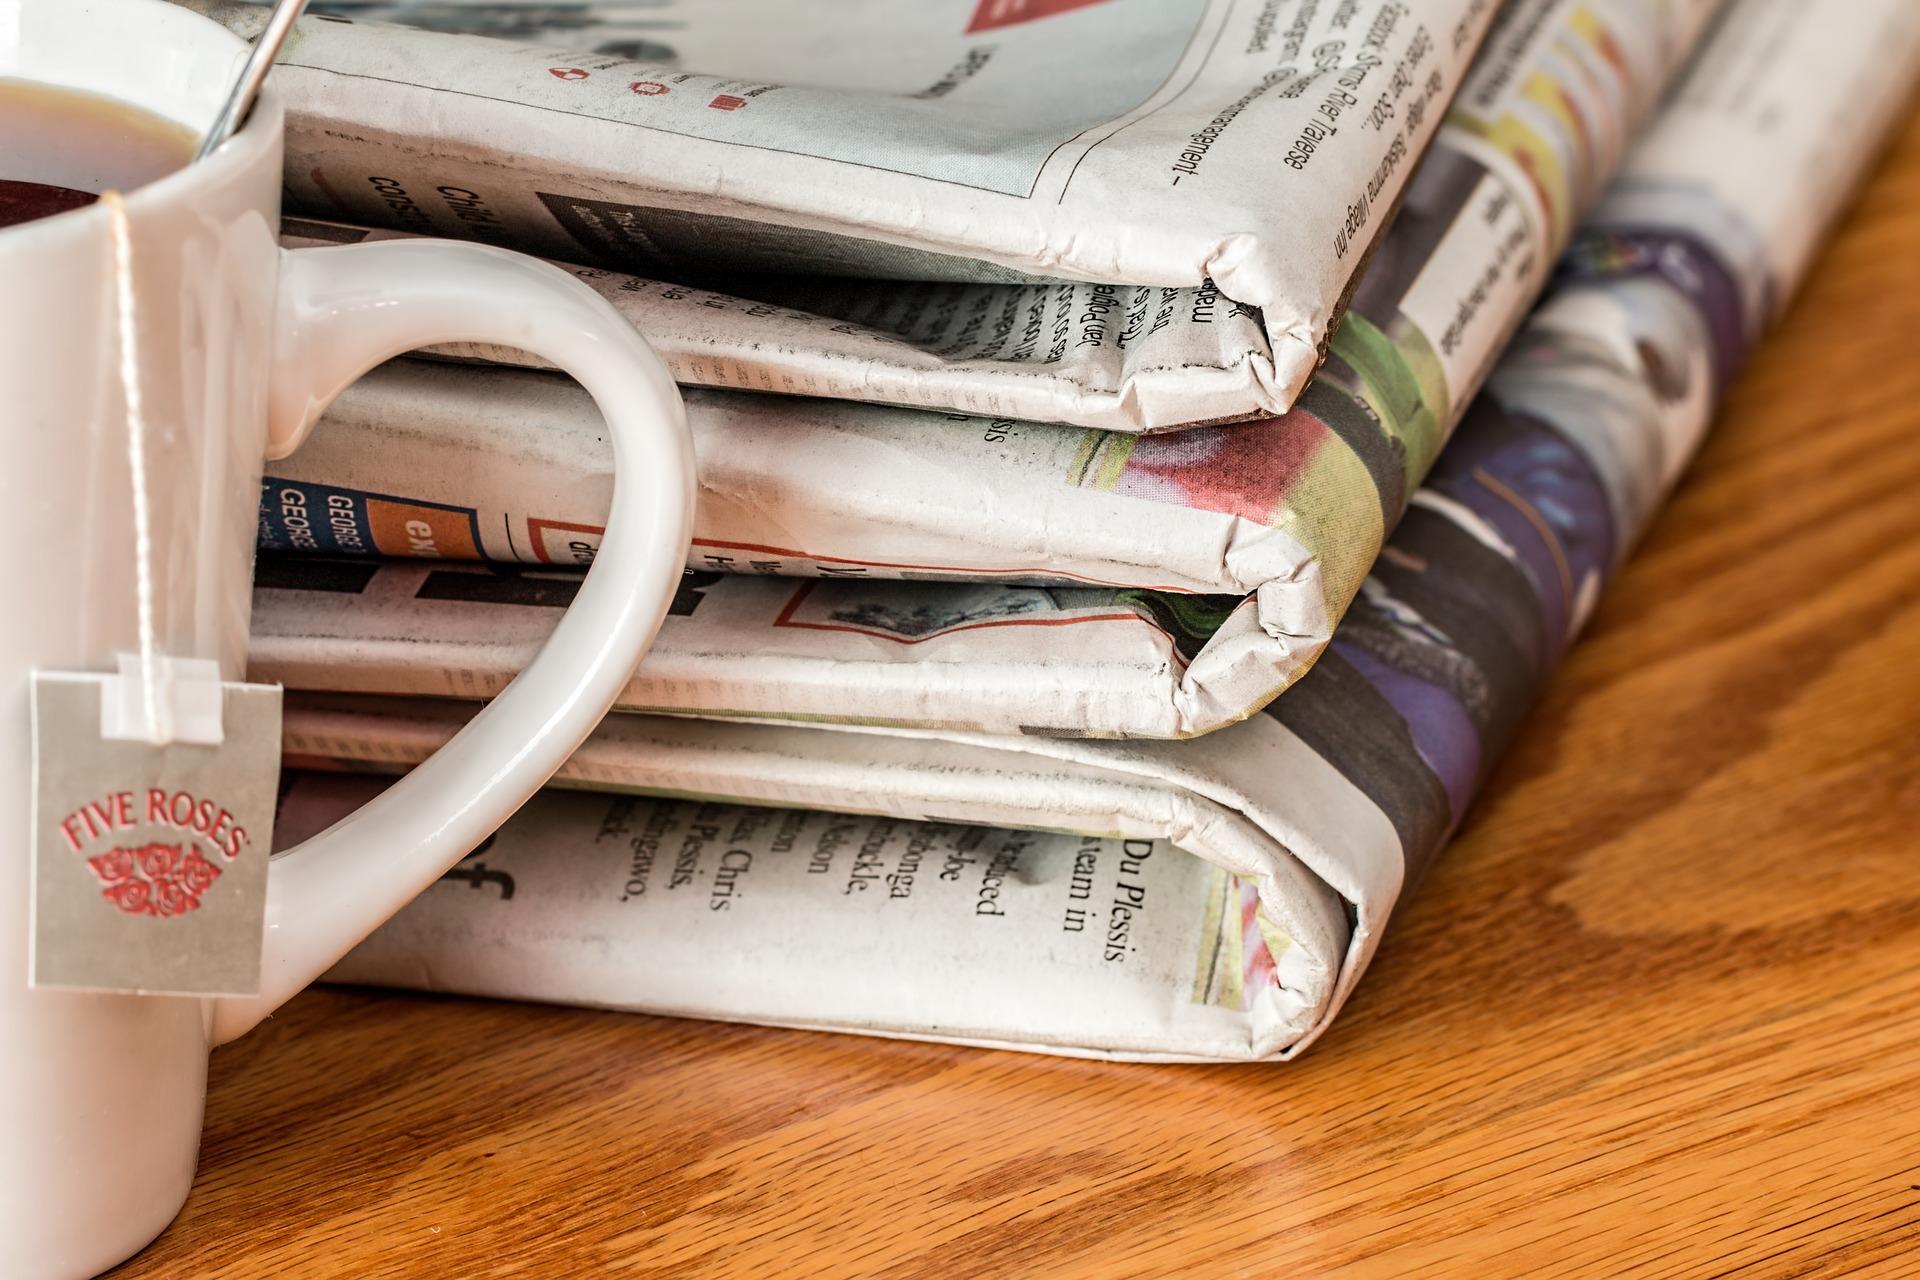 Spunti di marketing dai miei ritagli di giornale